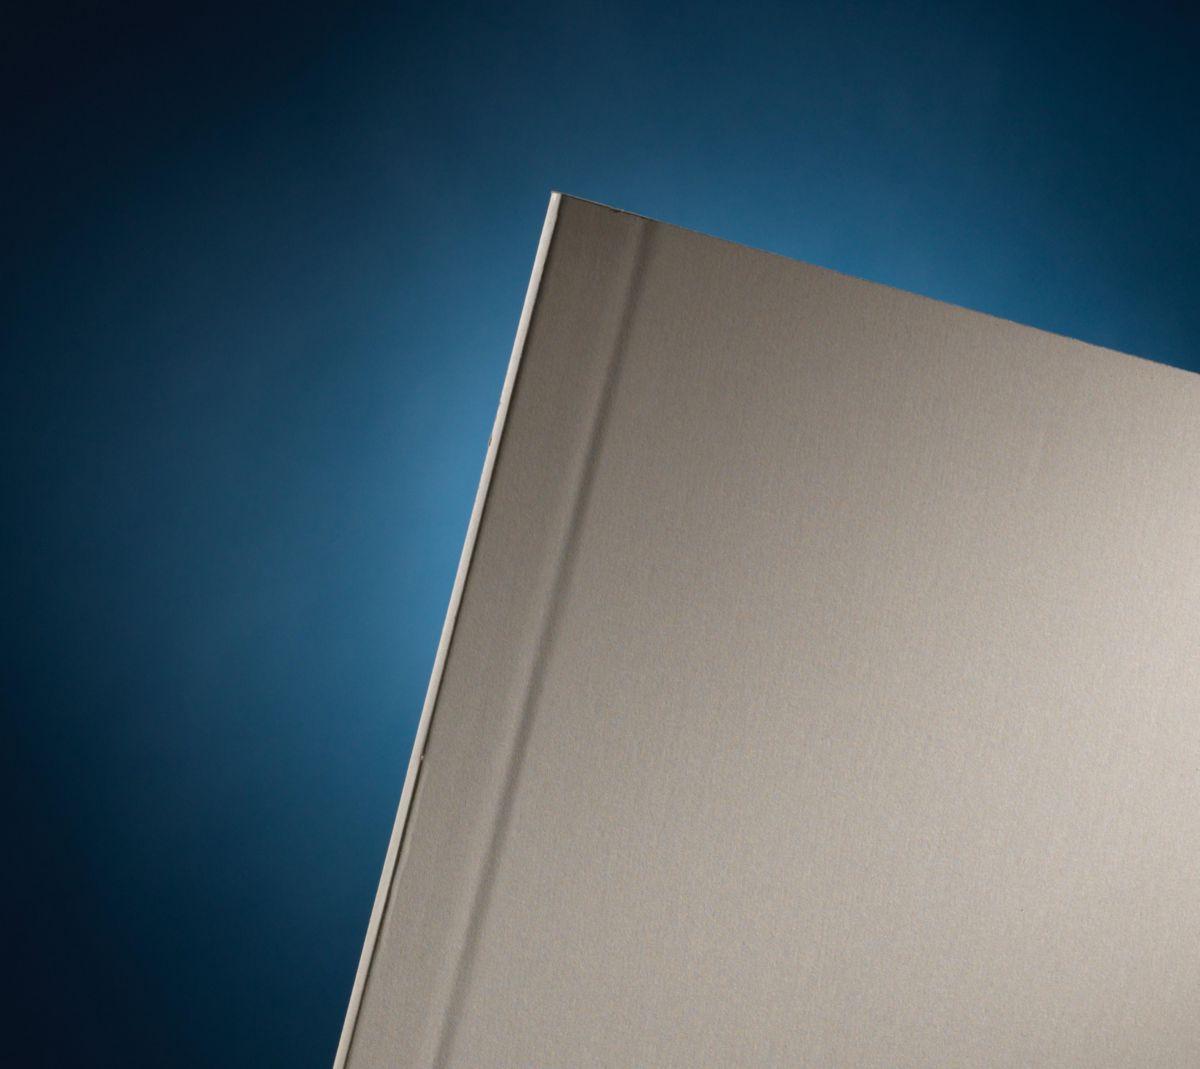 Plaque De Platre Ba10 tout plaque de plâtre ba10 knauf ks 2500x1200mm - knauf - plâtre